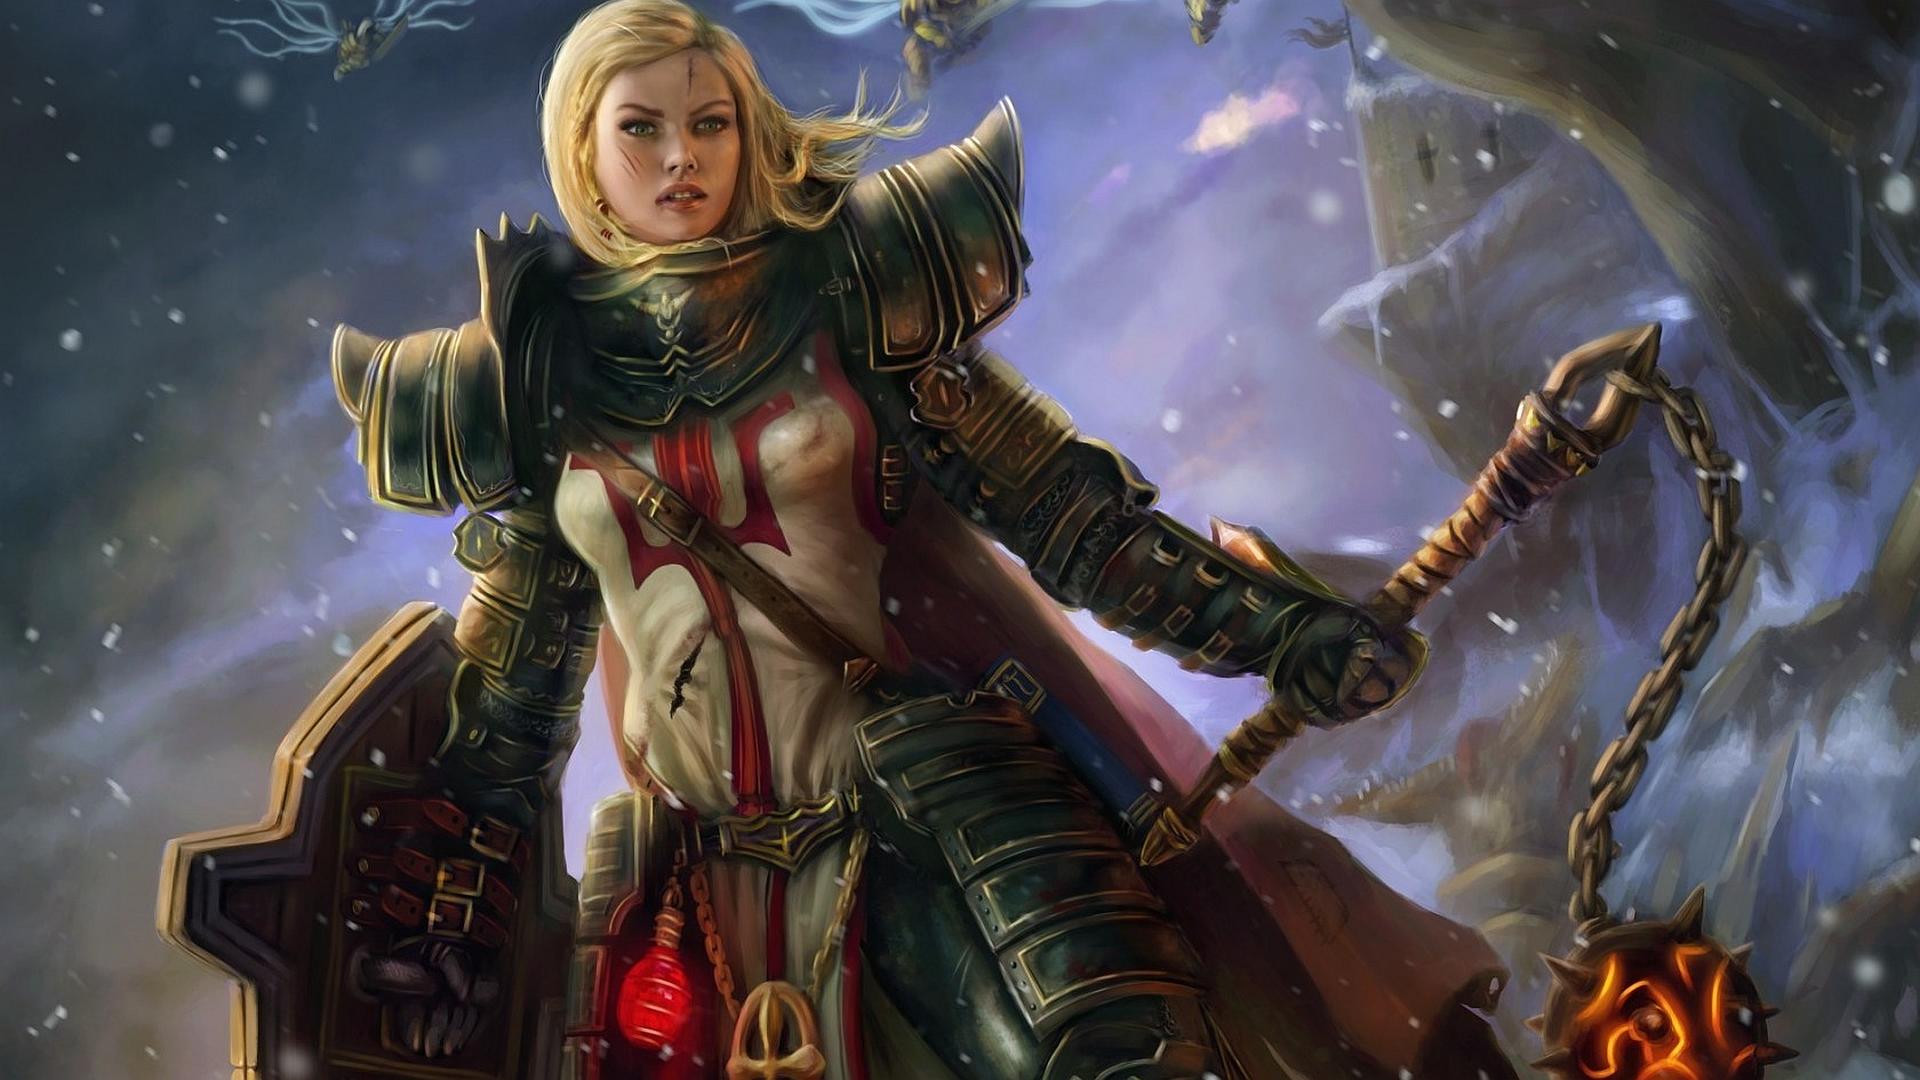 Wallpaper : video games, anime, knight, crusaders, Diablo III ...